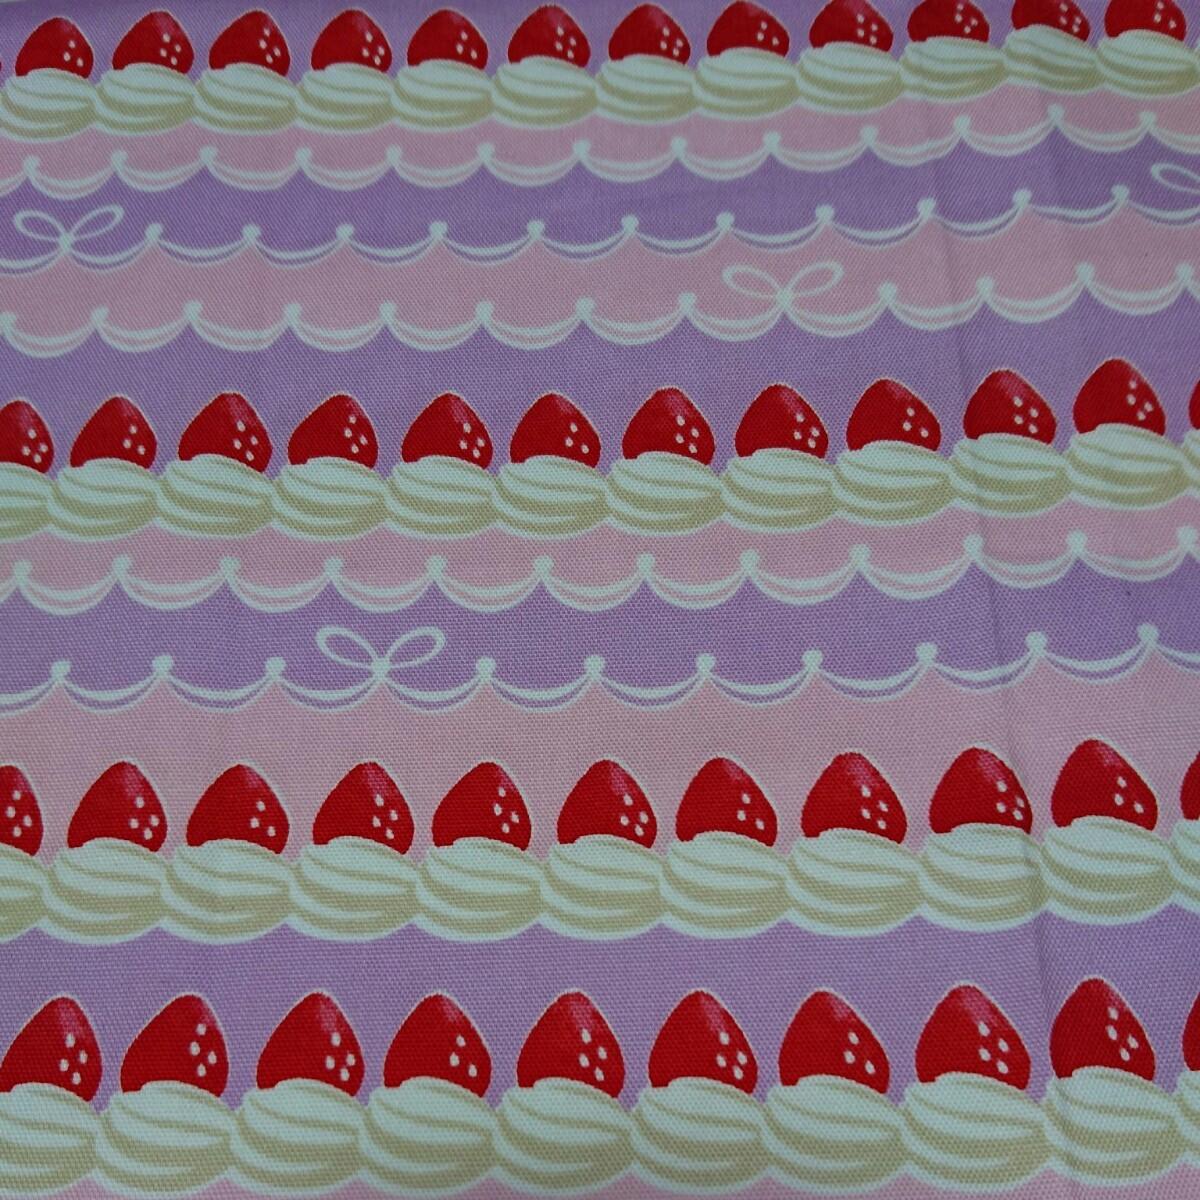 入手困難!パステル カラーのプリティー、イチゴショートケーキ柄の生地